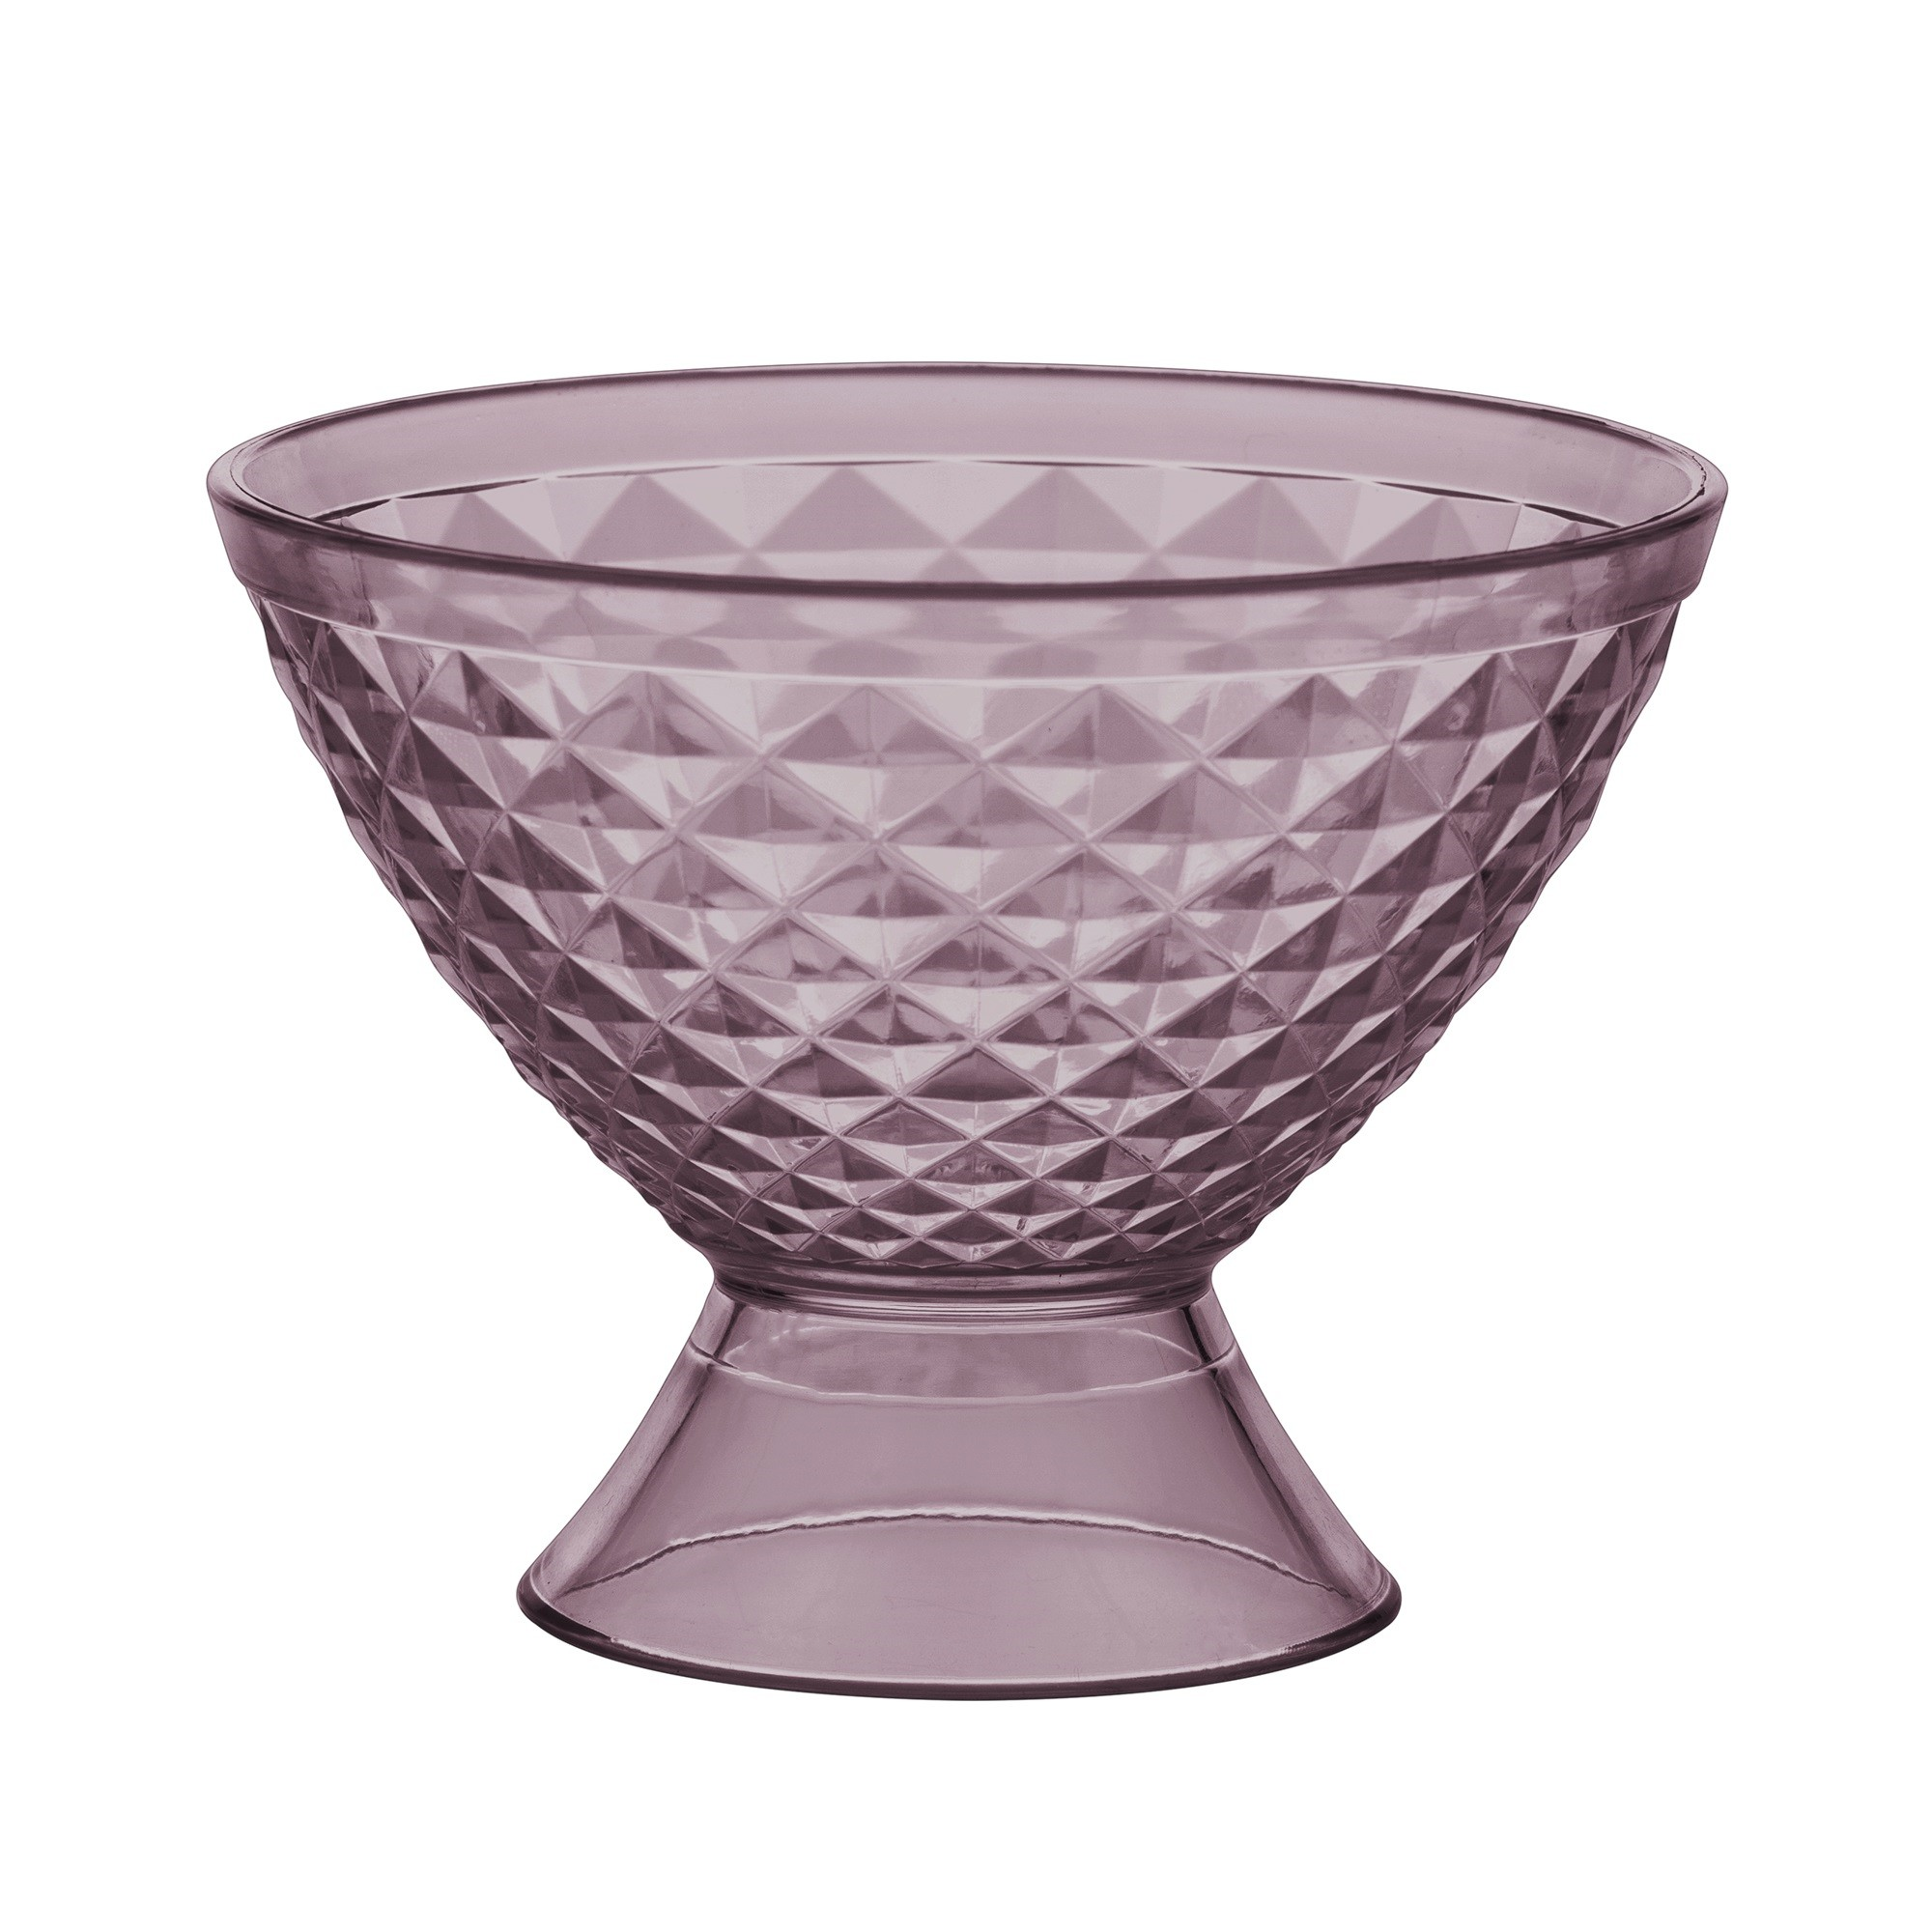 Taca Luxxor para Sobremesa de Acrilico 400ml Violeta - Paramount